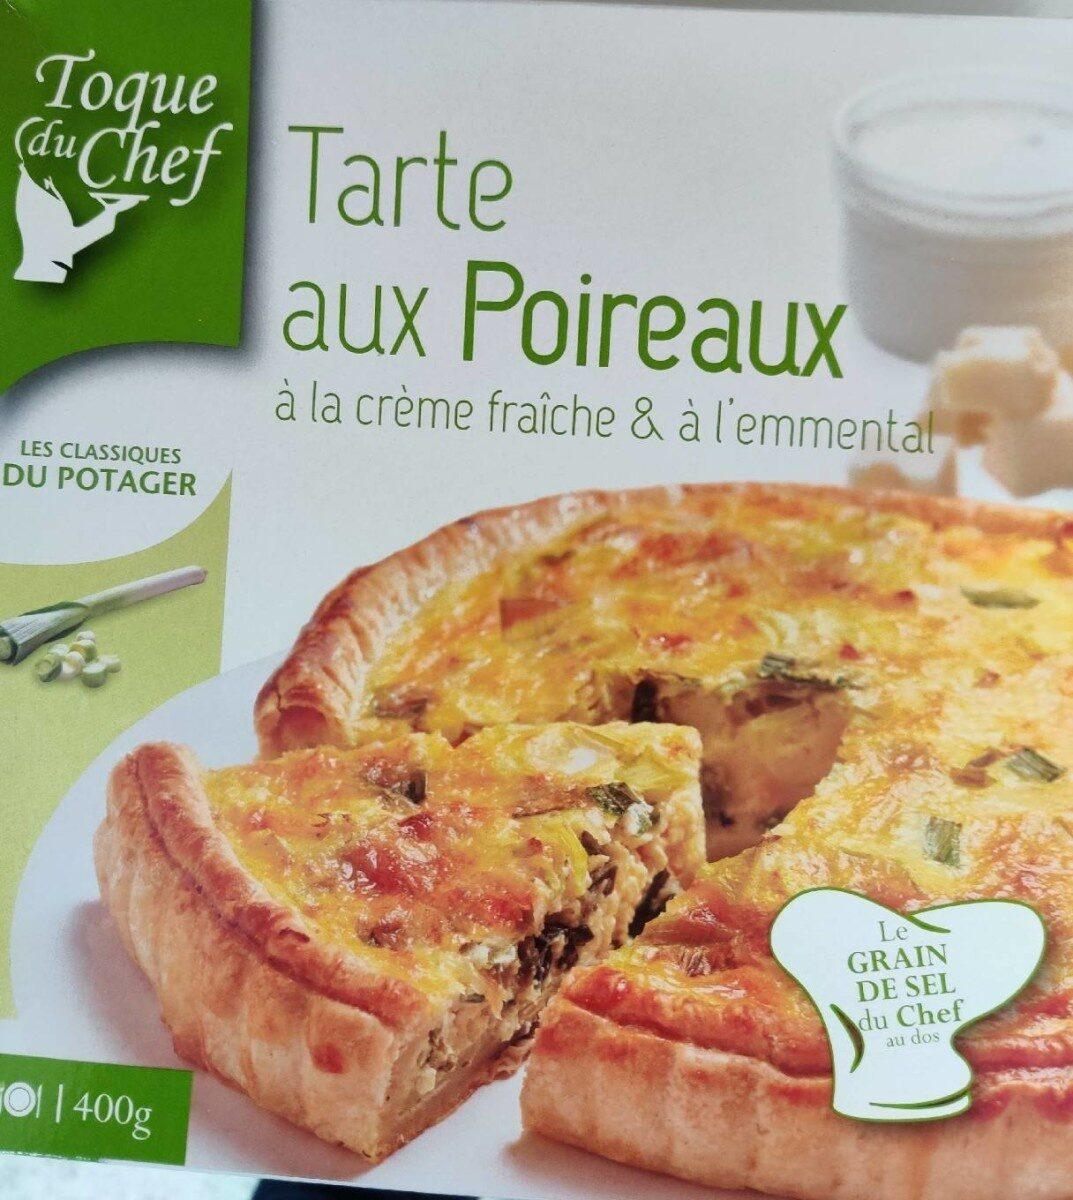 Tarte aux poireaux - Product - fr